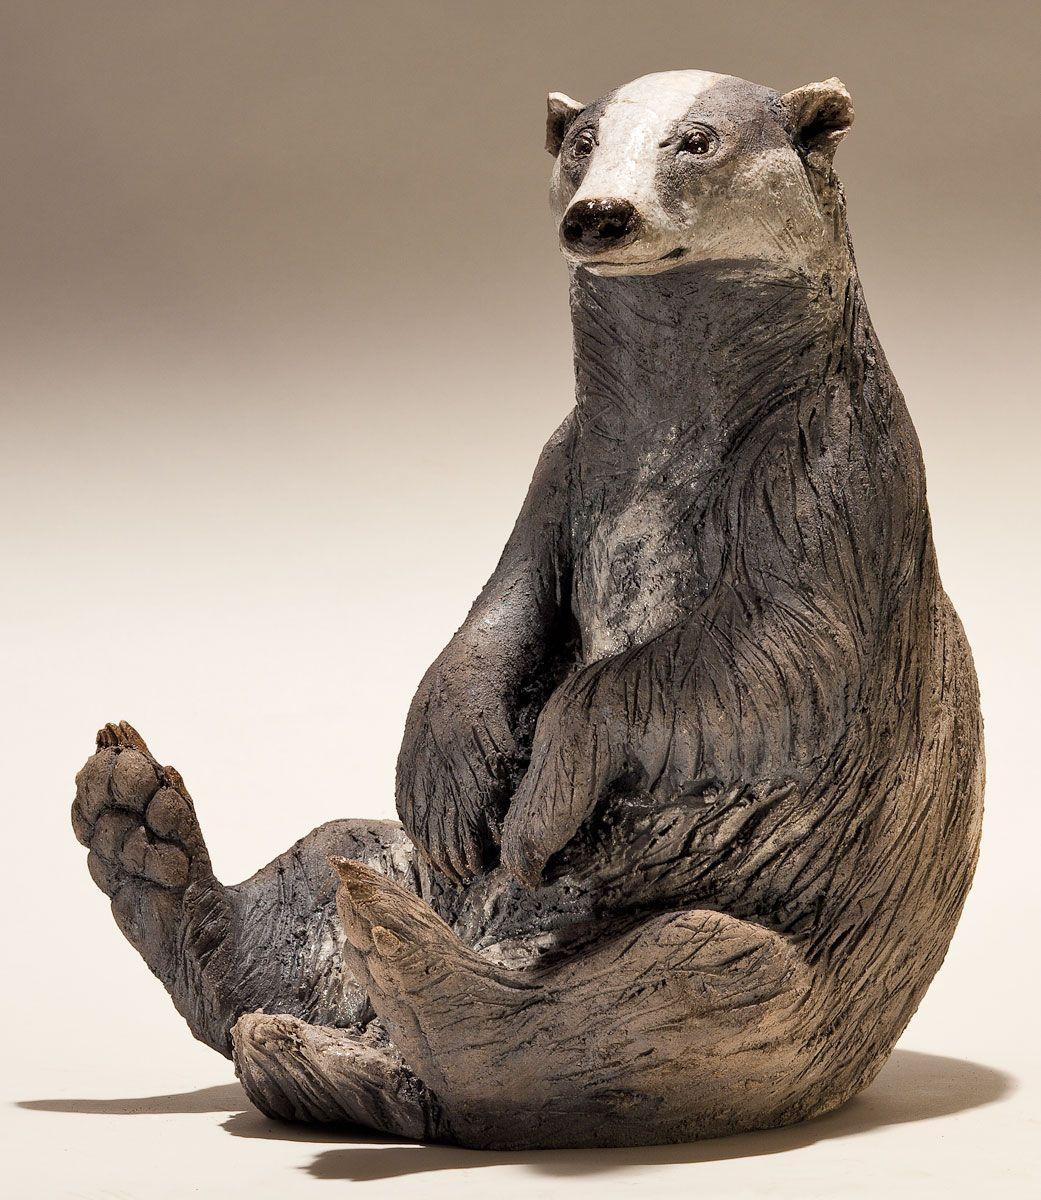 Badger Sculpture - Nick Mackman Animal Sculpture